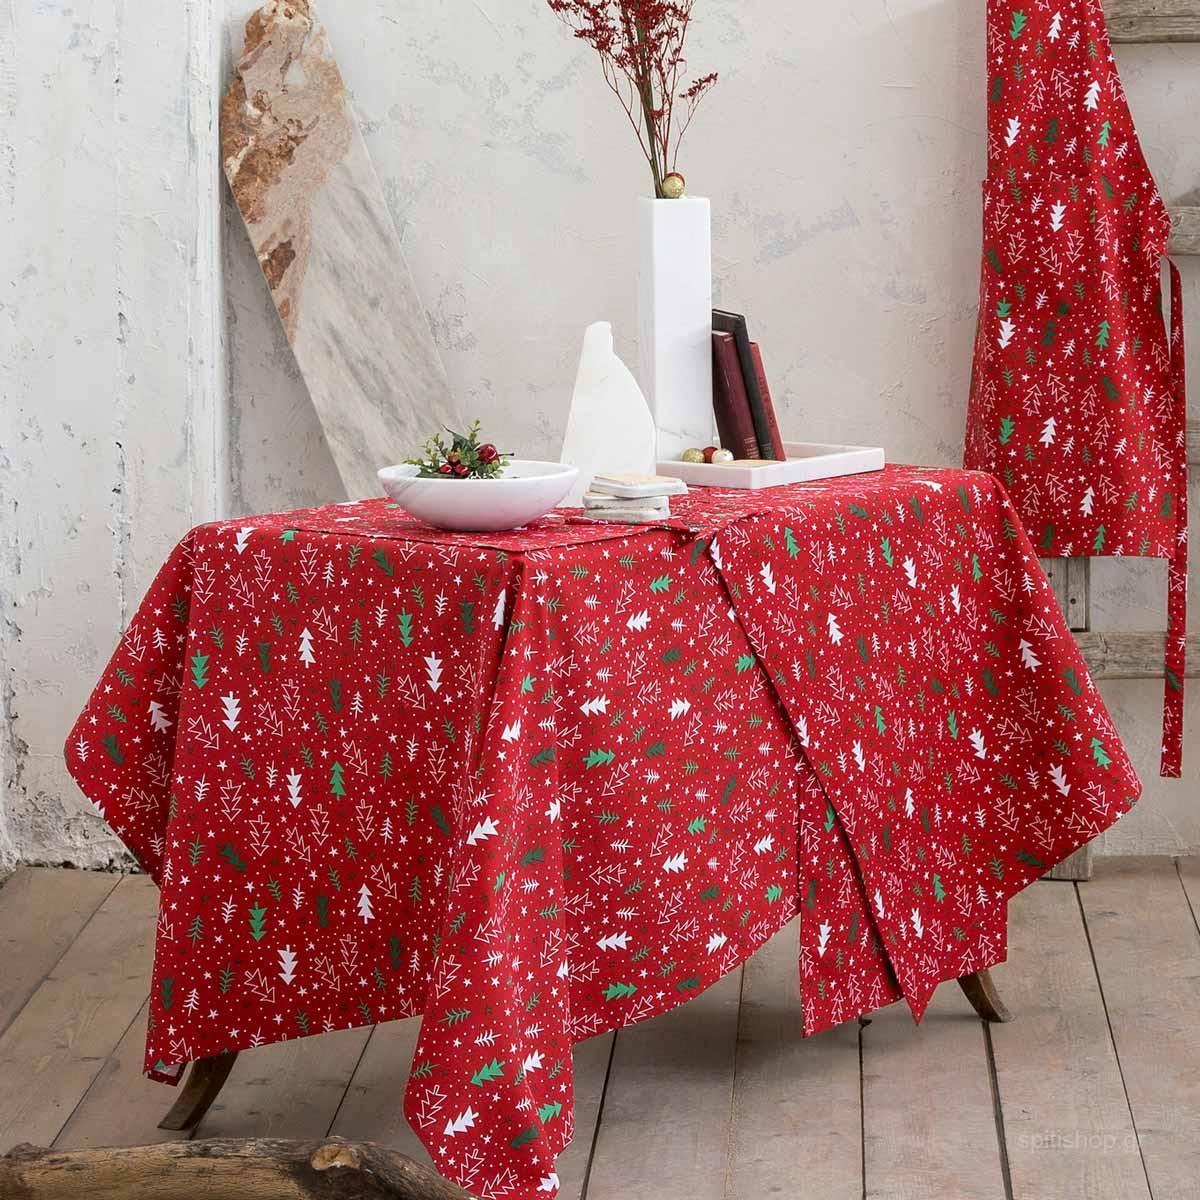 Χριστουγεννιάτικο Τραπεζομάντηλο (150×220) Nima Be Merry